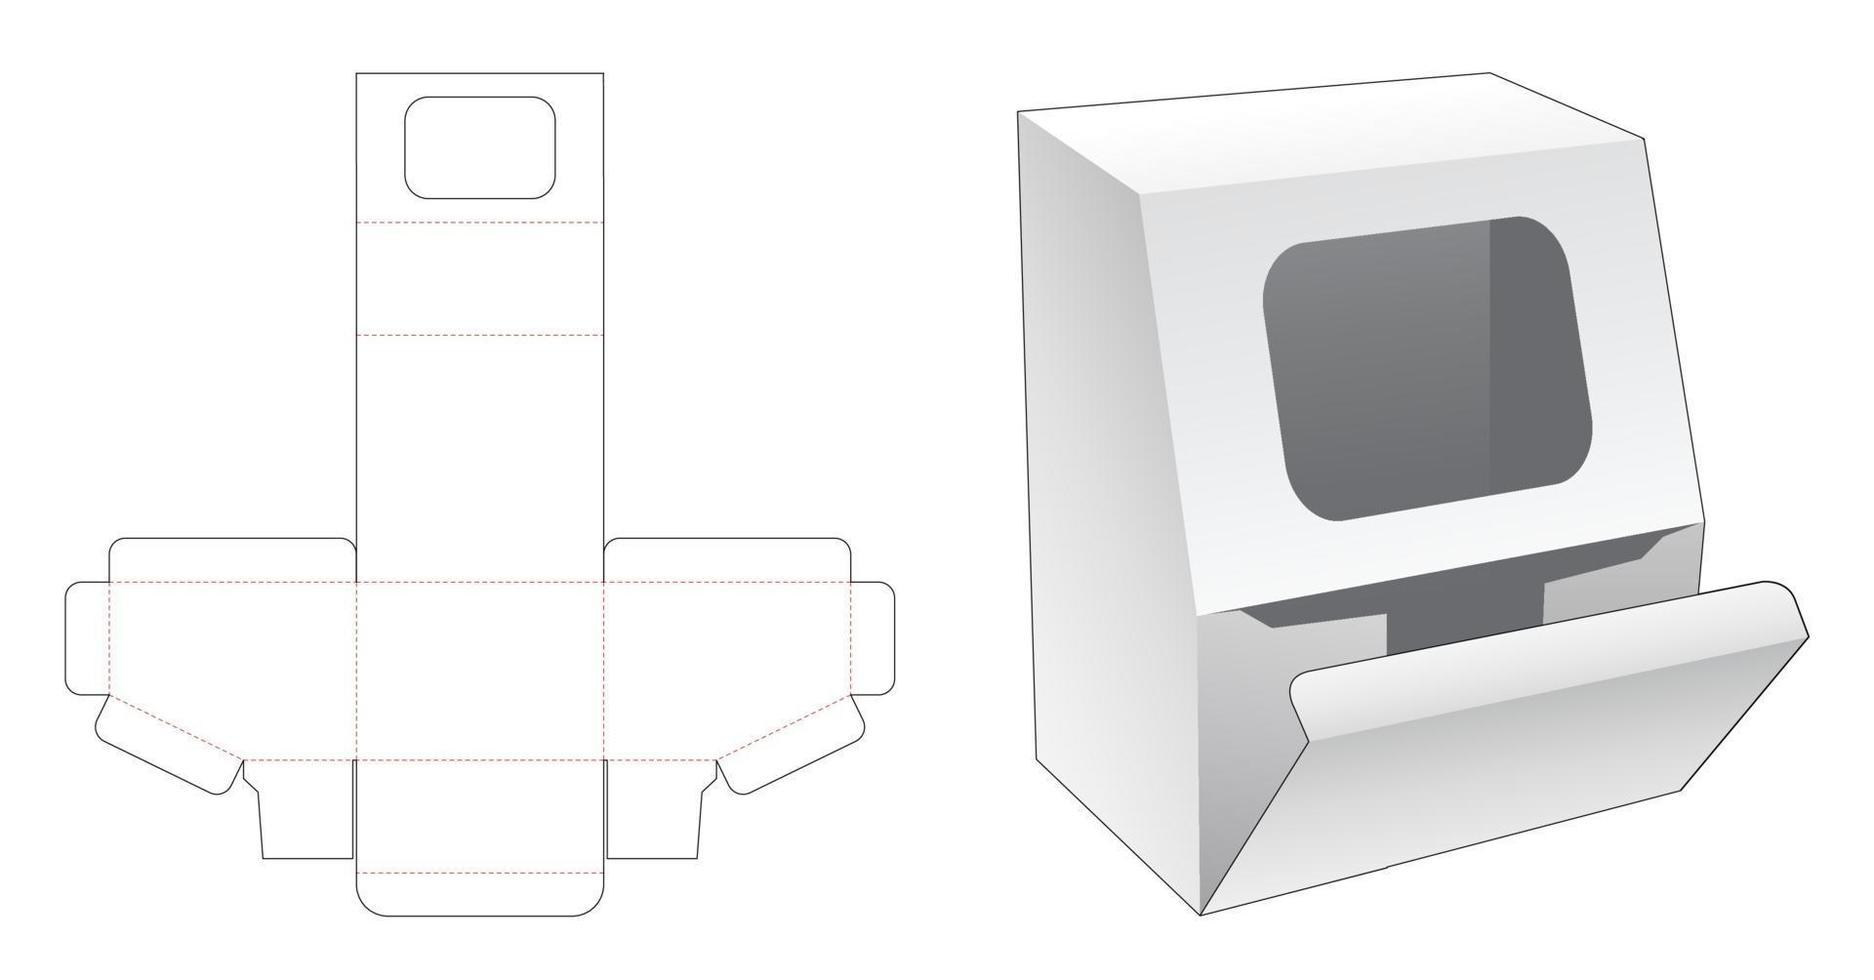 abgeschrägte Verpackung mit Witwe auf abgeschrägter Eckstempelschablone vektor